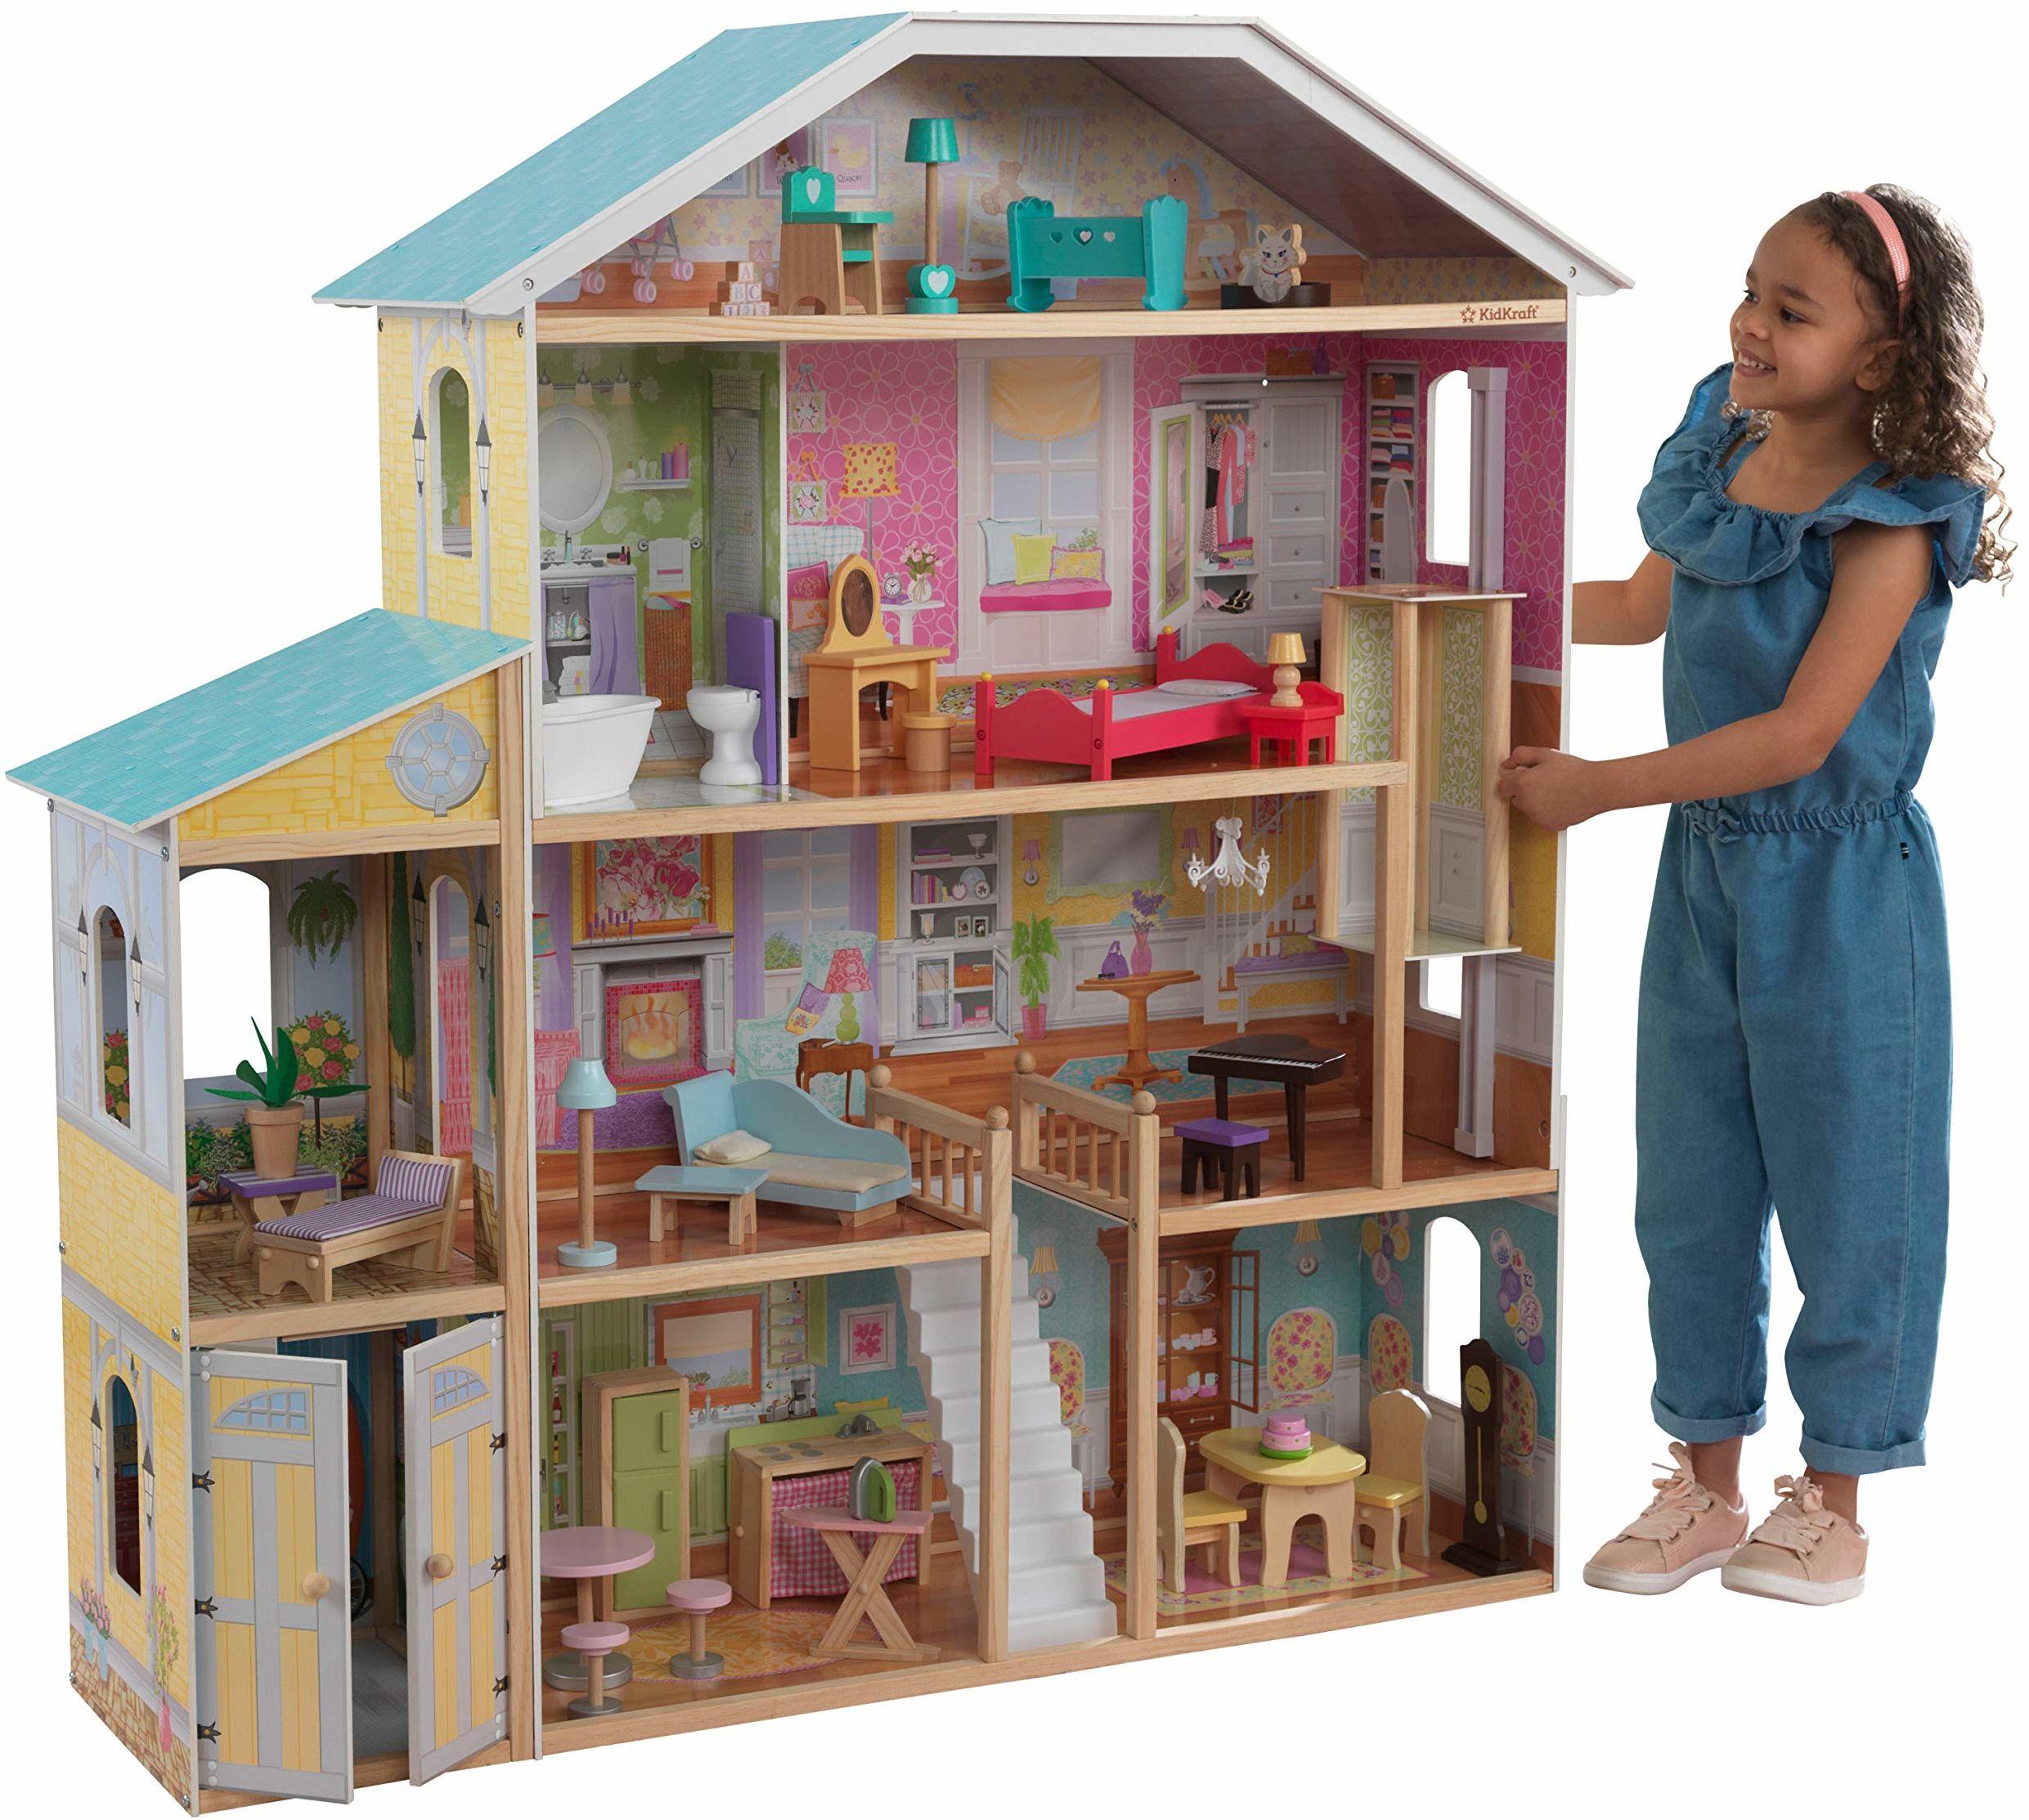 Kidkraft 65252 Majestic Mansion Domek Dla Lalek, Wielokolorowy